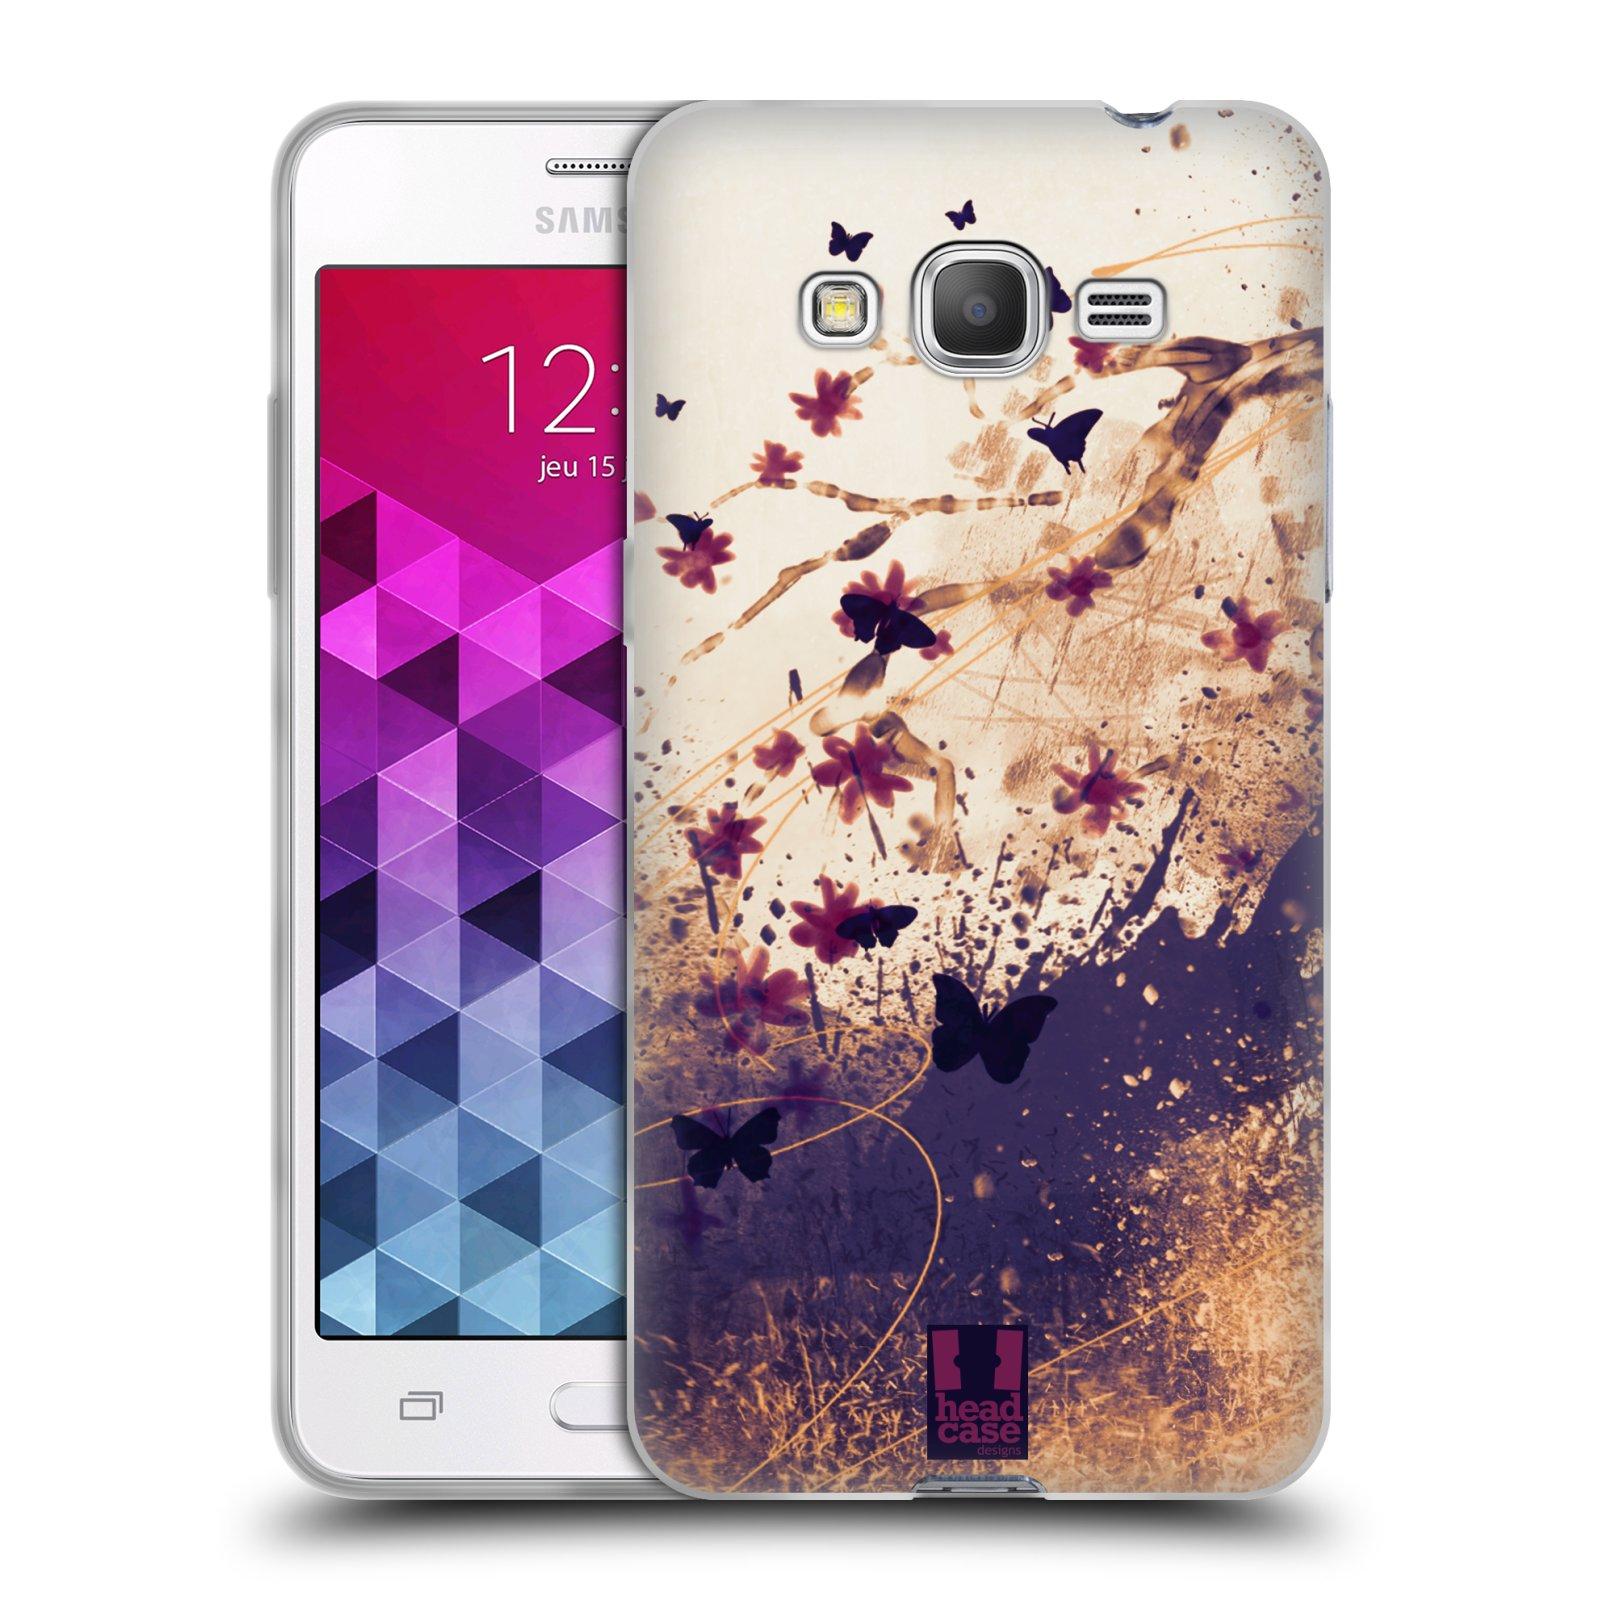 Silikonové pouzdro na mobil Samsung Galaxy Grand Prime VE HEAD CASE MOTÝLCI  (Silikonový kryt či c0de0218343